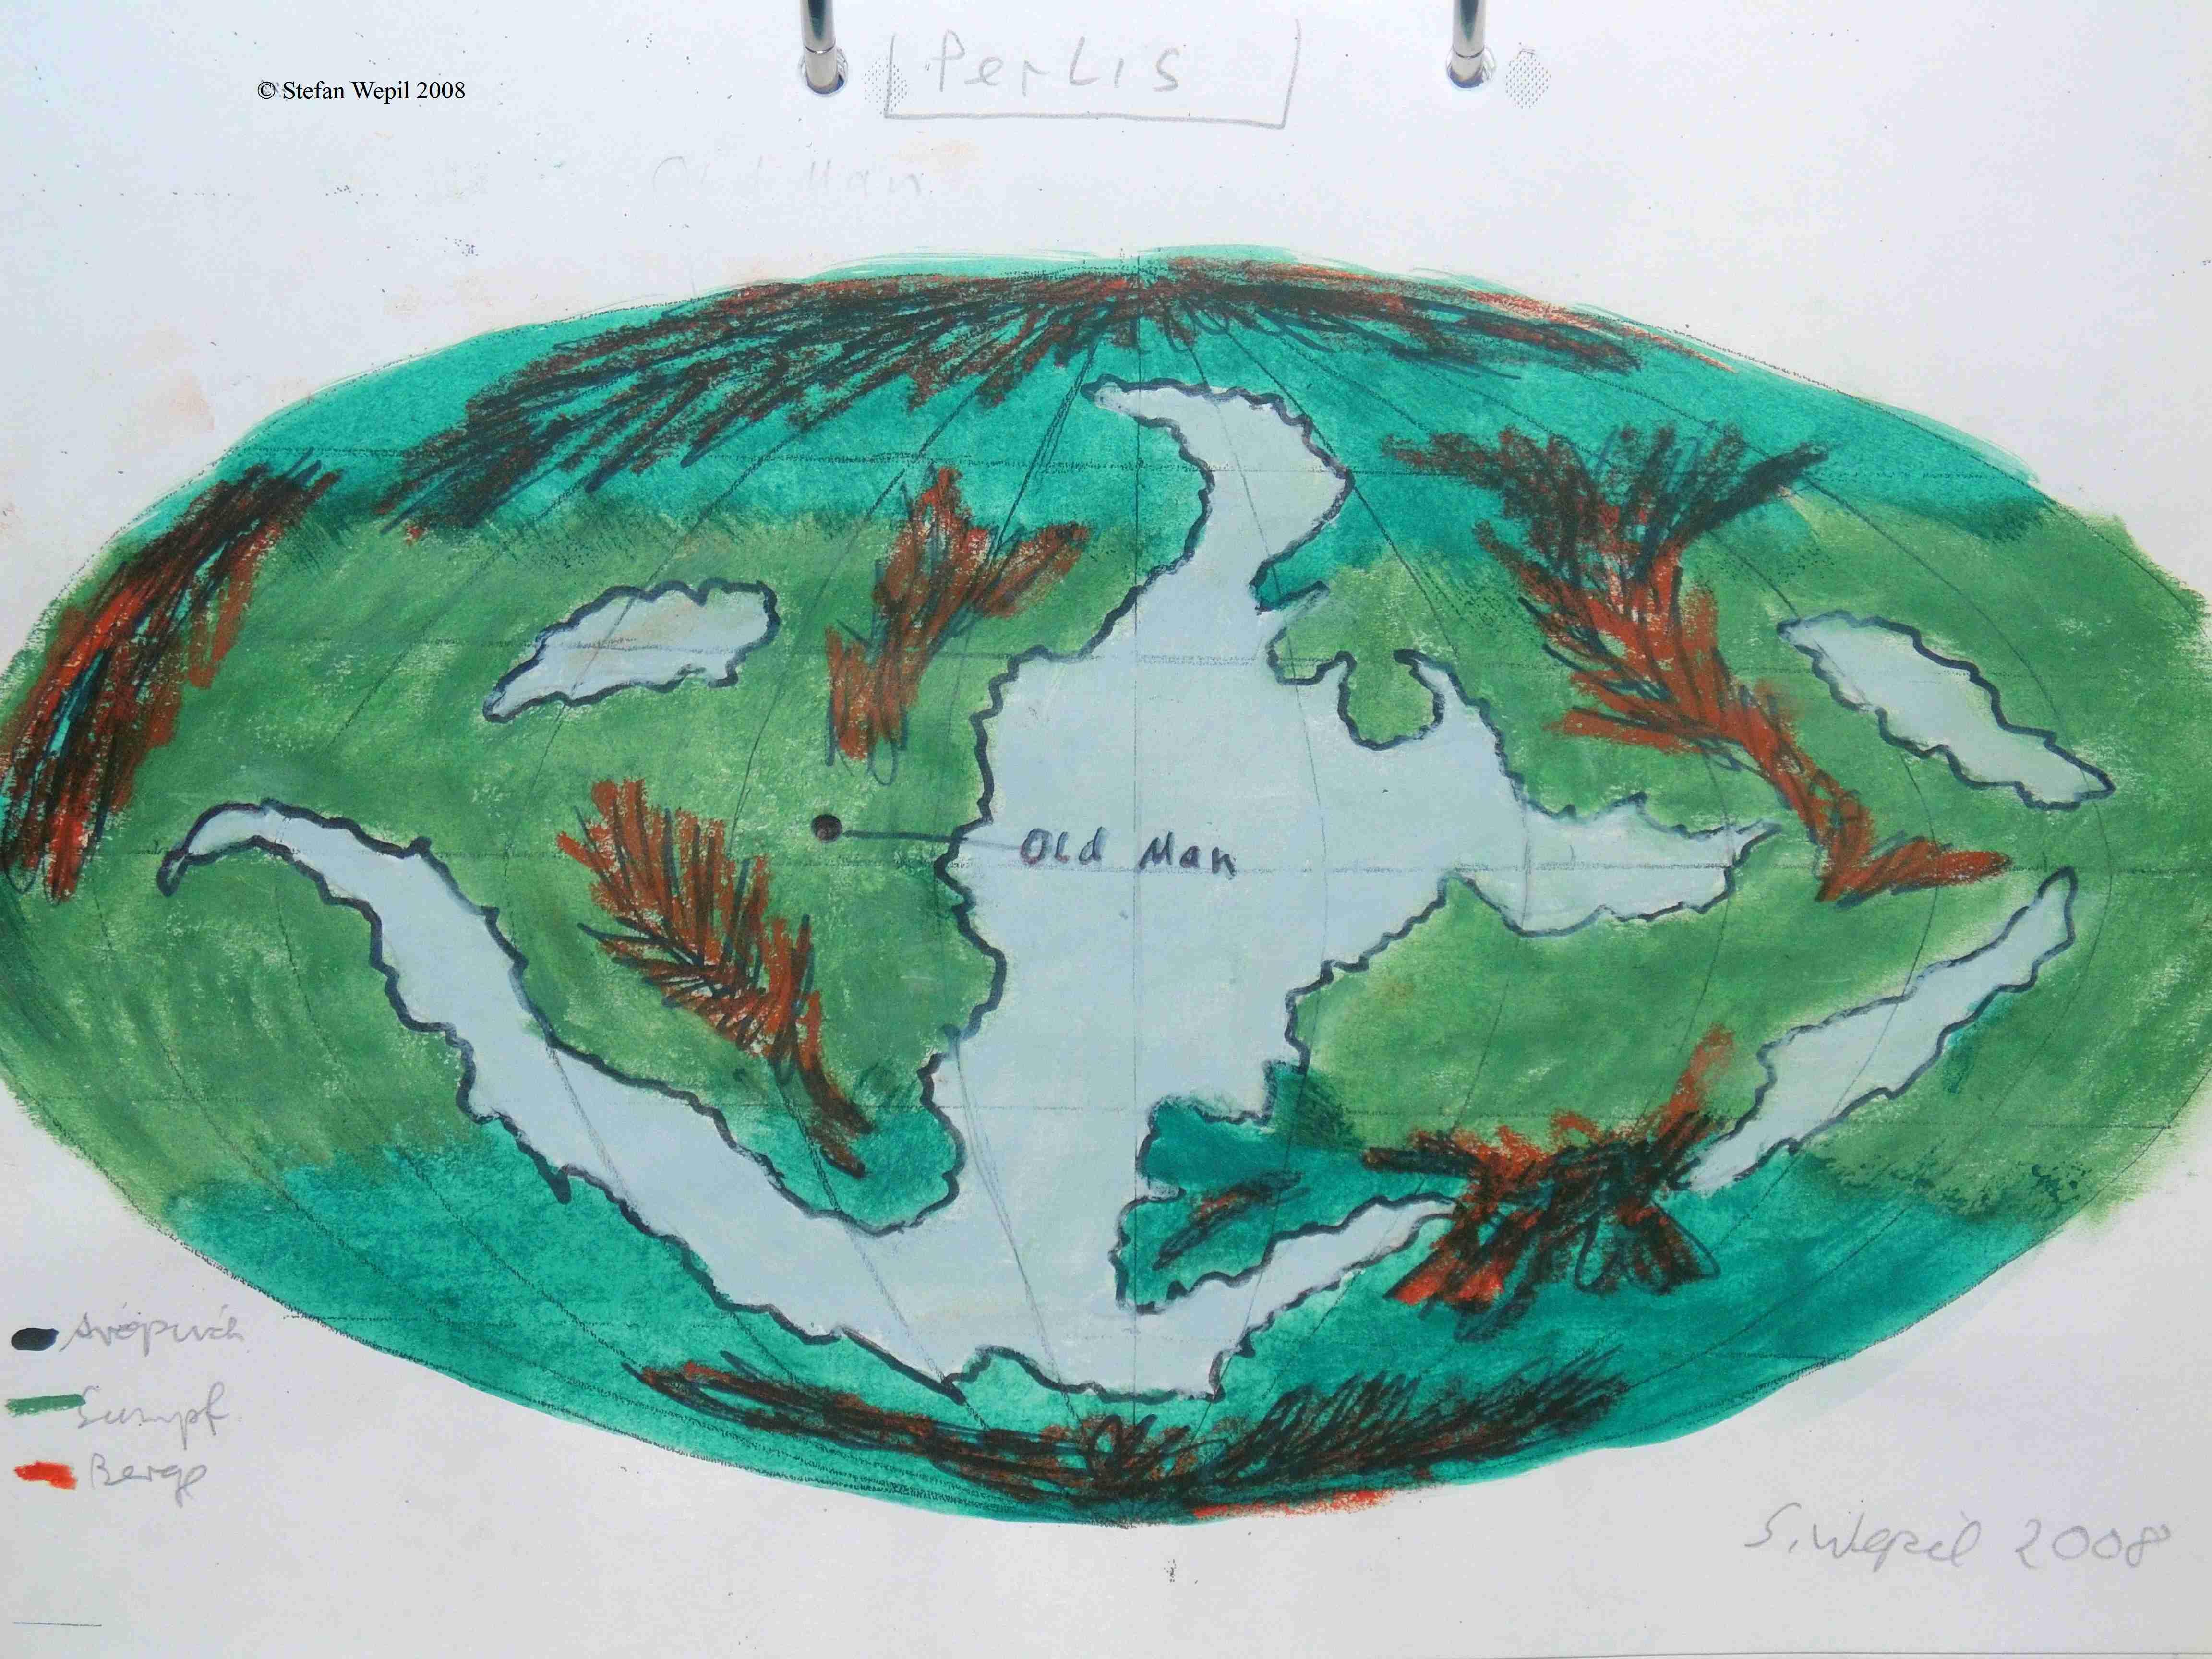 Weltkarte von Perlis (C) Stefan Wepil